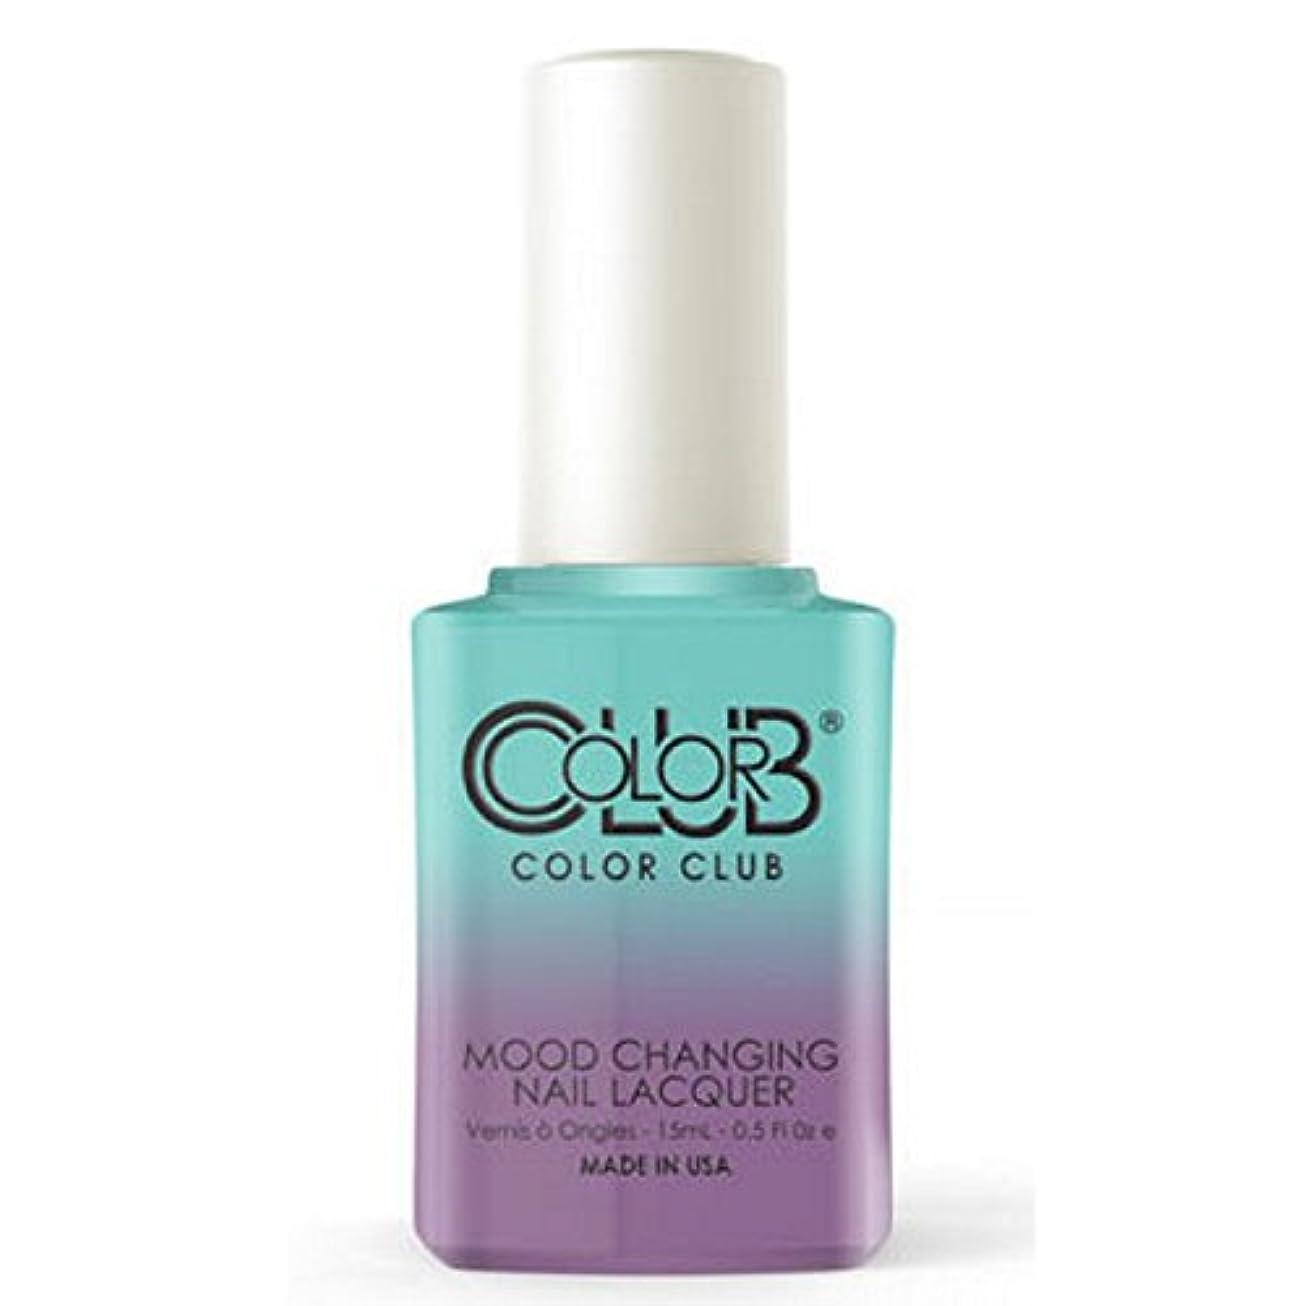 ラテン教育するメキシコColor Club Mood Changing Nail Lacquer - Serene Green - 15 mL / 0.5 fl oz